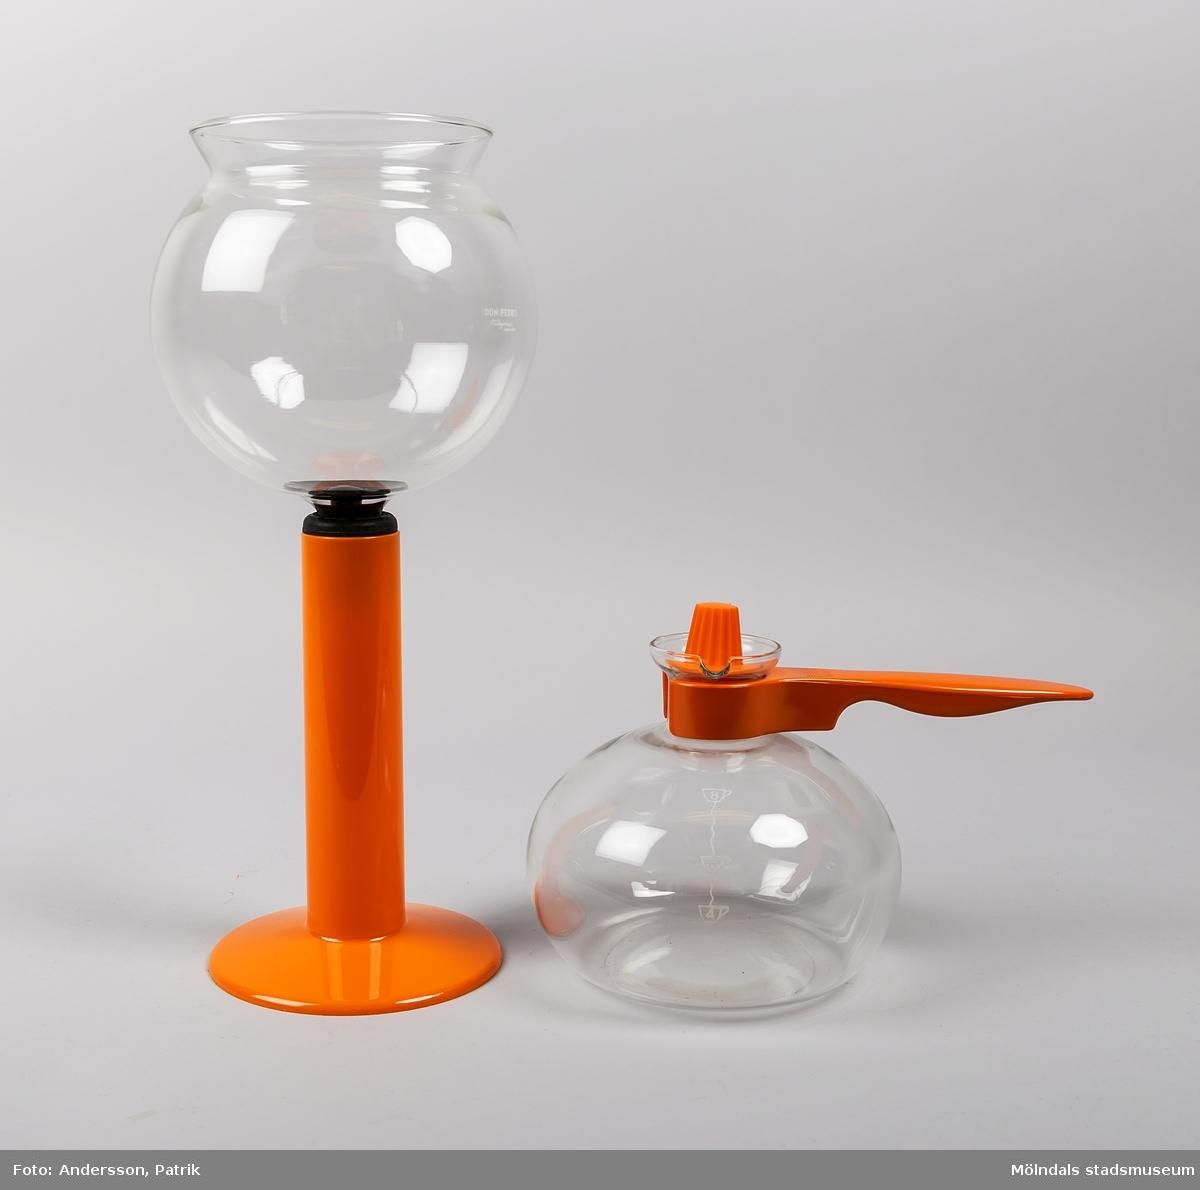 """Kaffebryggare av vakuummodell, som i Sverige går under benämningen """"Don Pedro"""".   Bryggaren består av två glaskärl. Det ena kärlet är en rund kanna med orange handtag. Till kannan finns ett orange lock, som används efter att kaffet är klart för att behålla värmen.   Det andra kärlet är en rund skål med ett rör i botten. Runt röret sitter en svart gummiring. I botten på skålen (i mynningen på röret) sitter ett plastfilter med fjäder och kula för att ta tag i och lossa vid diskning. Till skålen med röret medföljer en orange ställning att placera kärlet i. Glaskärlen är ömtåliga och går lätt sönder när det ska diskas.  För att brygga kaffe hälls vatten i bottenkupan och malt kaffe i överkant. Bryggaren ställs sedan på en spisplatta. Detta kokas tills sista dutten vatten har kokat slut, cirka 1 - 3 minuter. När vattnet kokar, bildas ett övertryck i kannan och vattnet trycks upp till skålen där det blandas med det malda kaffet. När bryggaren avlägsnas från värmekällan och sätts i plaststället, kyls kannan av, varvid ett undertryck uppstår, då börjar kaffet sugas tillbaka till underkannan. Sedan är det klart för servering.  På 1840-talet tog fransyskan Marie Fanny Amlene Massot i Lyon patent på denna bryggmetod, men under namnet Madame Vassieux.  År 1959 lanserades Don Pedron i Sverige som """"Nilsjohan Don Pedro""""."""